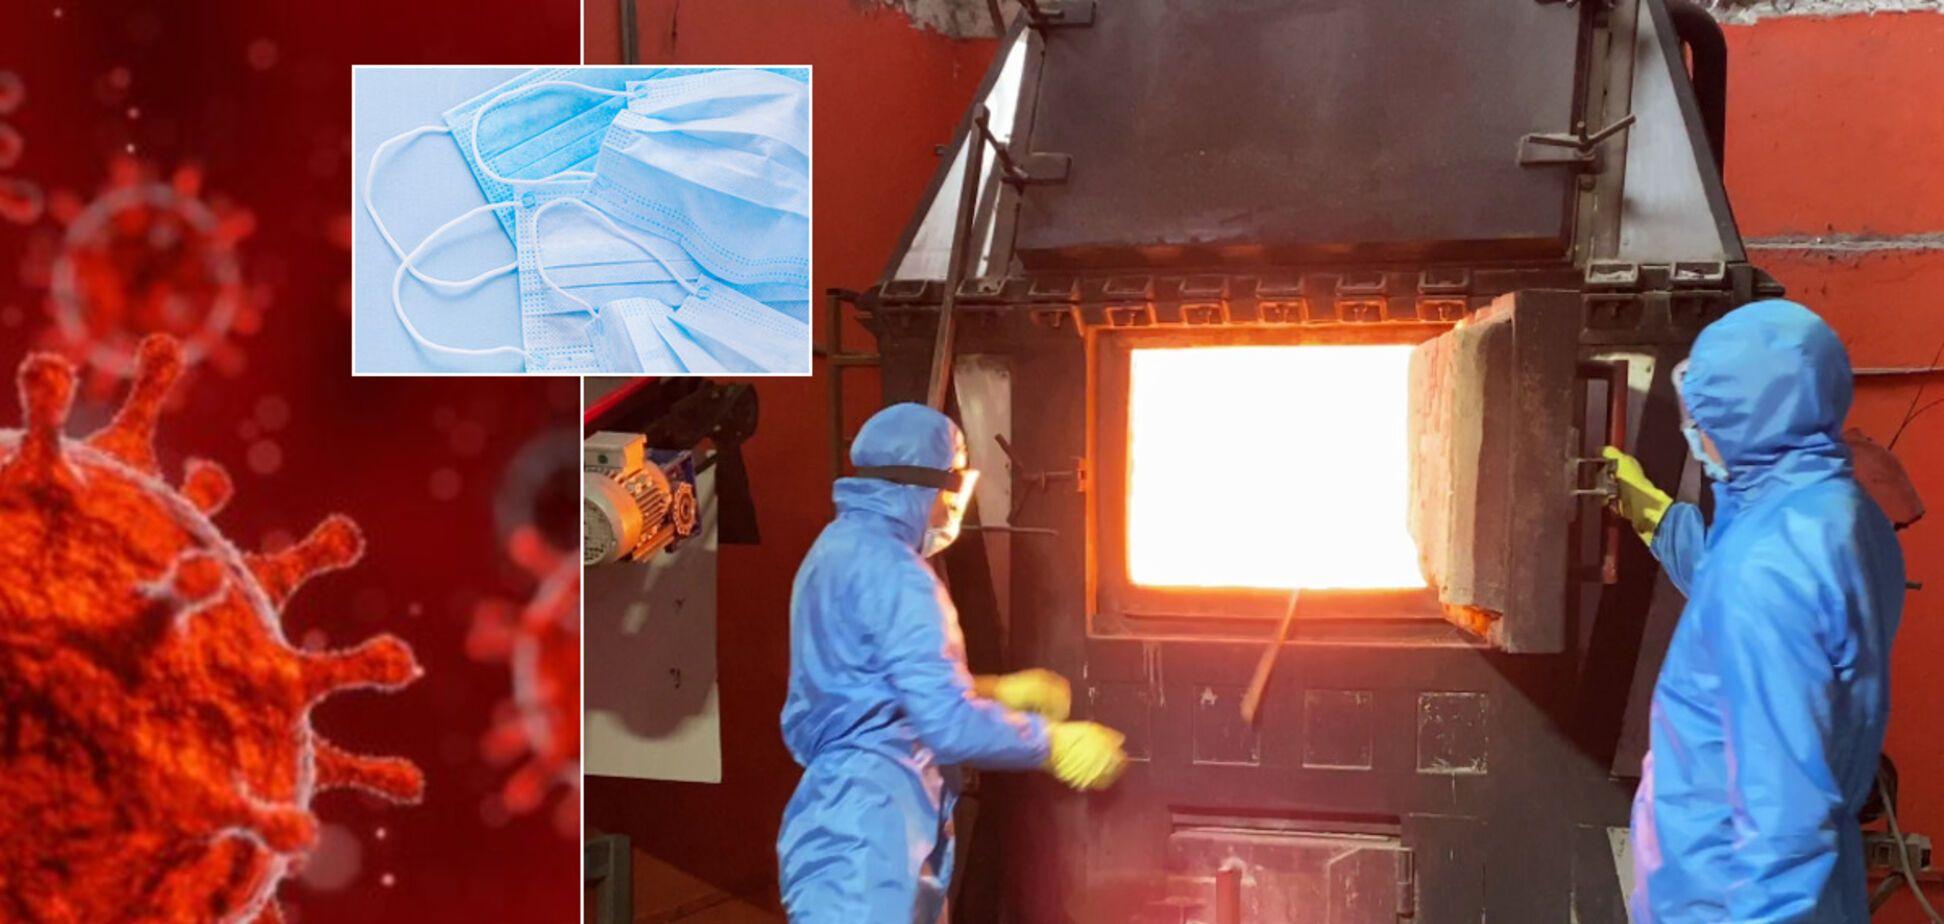 Чтоб не распространять COVID-19: в Киеве начали сжигать медицинские маски и перчатки. Эксклюзивное видео